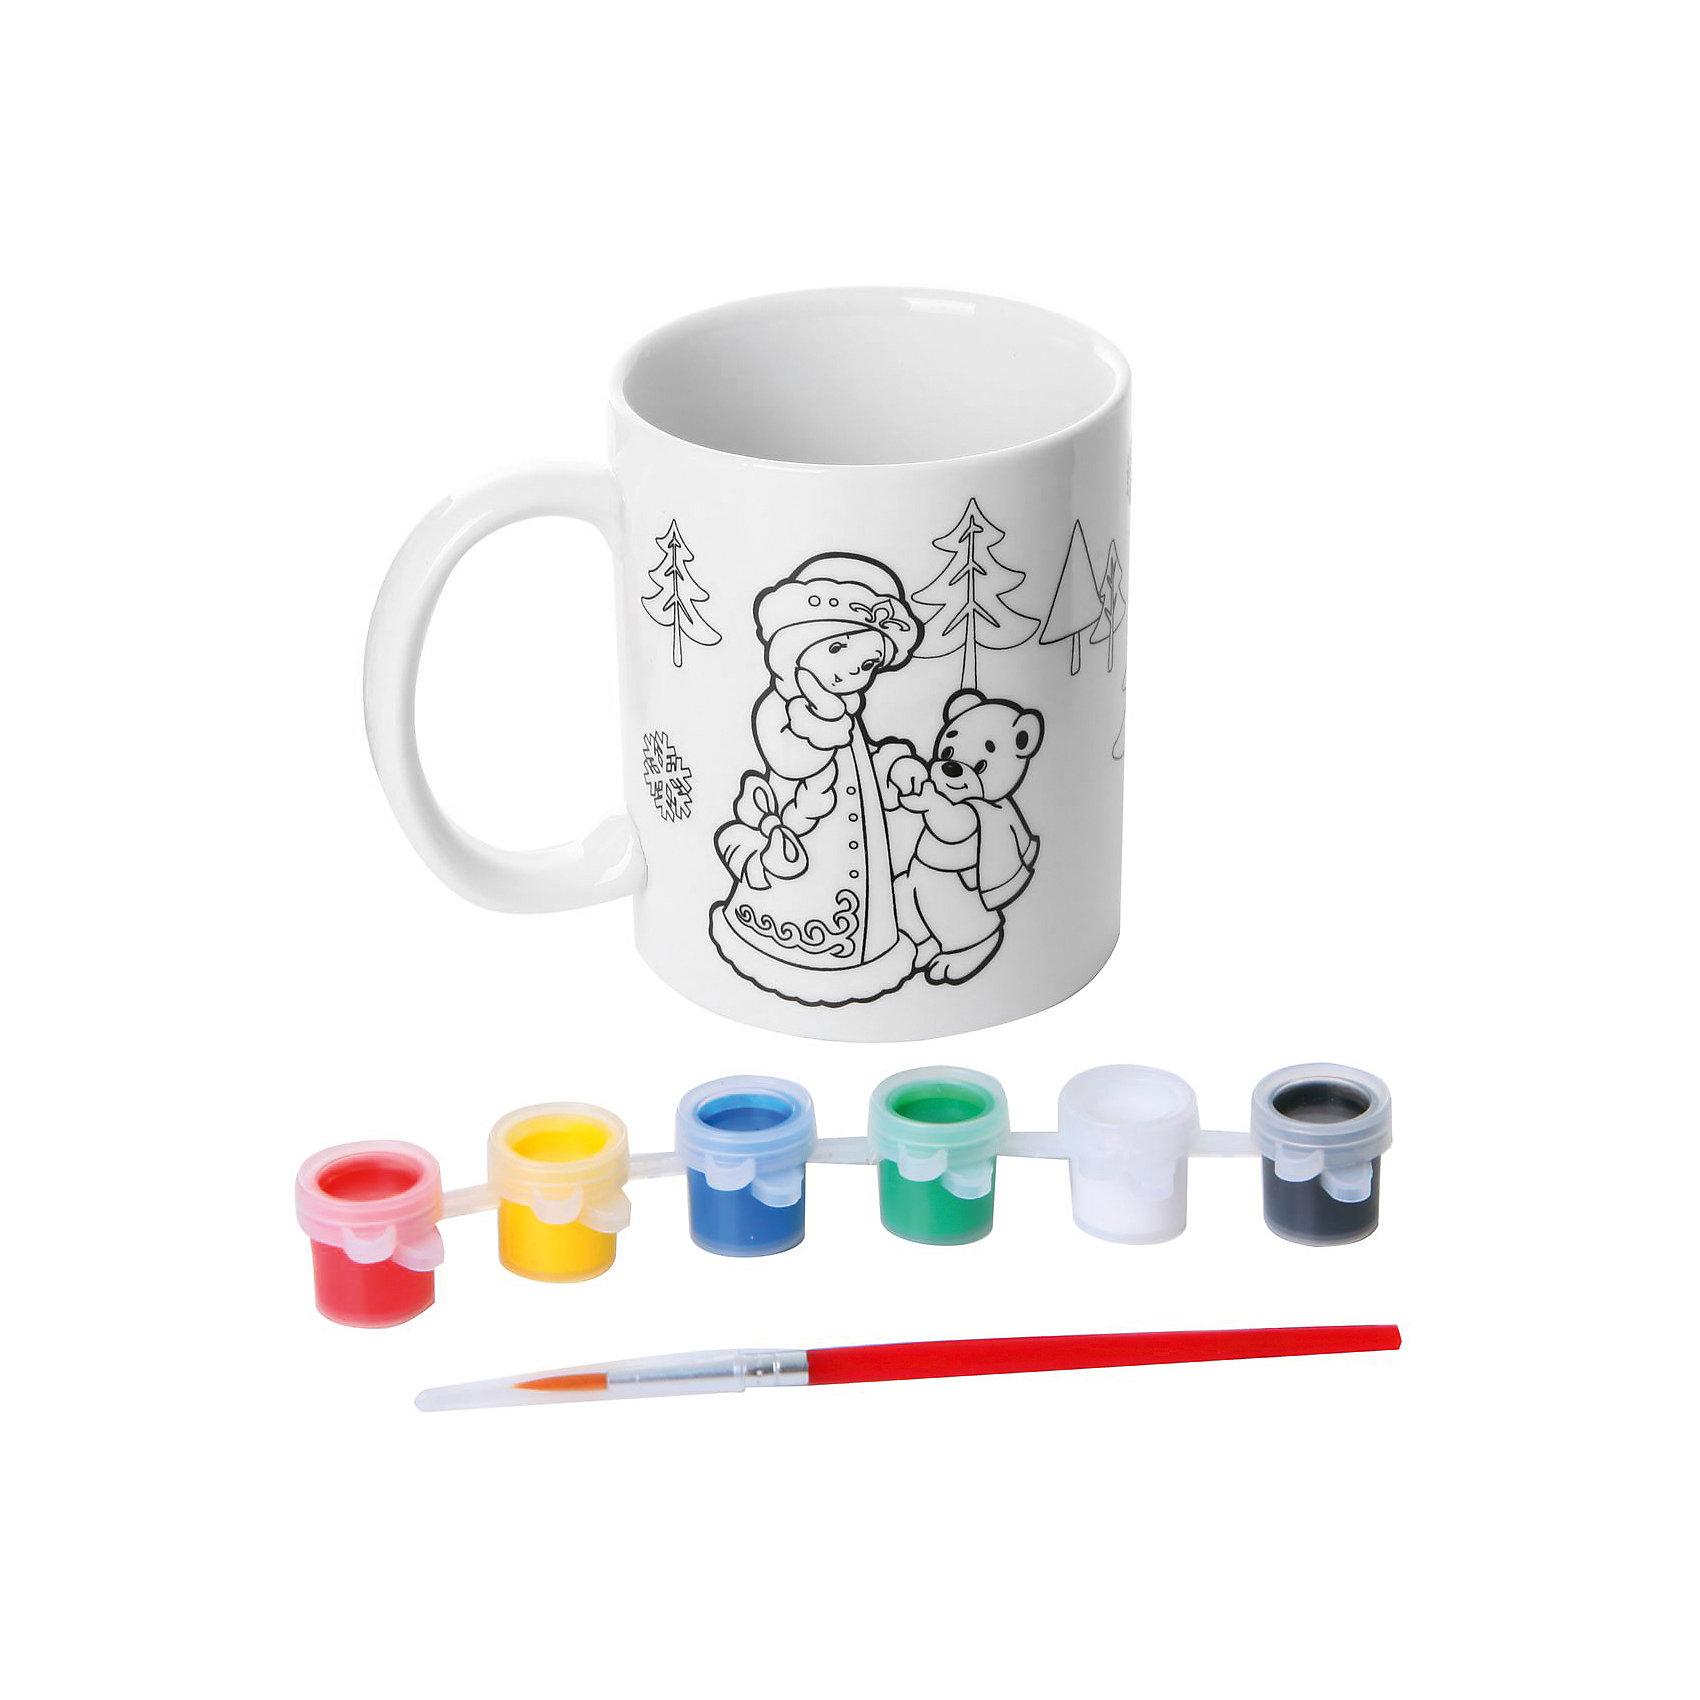 Набор для росписи кружки Снегурочка, BondibonНабор для творчества Кружка с красками и кисточкой, Bondibon (Бондибон).<br><br>Характеристики:<br><br>• Материал: керамика, краски, текстиль.<br>• В набор входит: <br>- кружка для раскрашивания, <br>- краски 6 цветов,<br>- кисточка, <br>- инструкция.<br><br>Создайте новогоднее настроение вместе со своими детьми! Набор «Кружка» поможет вам провести творчески досуг и создаст праздничное настроение. В наборе керамическая кружка, которую нужно раскрасить так, как вам подскажет фантазия. Раскрашивать изделия из керамики - очень интересно и увлекательно. Такая кружка, раскрашенная вручную, станет отличным подарком! Работа с таким набором помогает развить творческие способности, усидчивость, внимательность, самостоятельность, координацию движений.<br><br>Набор для творчества Кружка с красками и кисточкой, Bondibon (Бондибон), можно купить в нашем интернет – магазине.<br><br>Ширина мм: 102<br>Глубина мм: 100<br>Высота мм: 102<br>Вес г: 371<br>Возраст от месяцев: 60<br>Возраст до месяцев: 1188<br>Пол: Унисекс<br>Возраст: Детский<br>SKU: 5124533